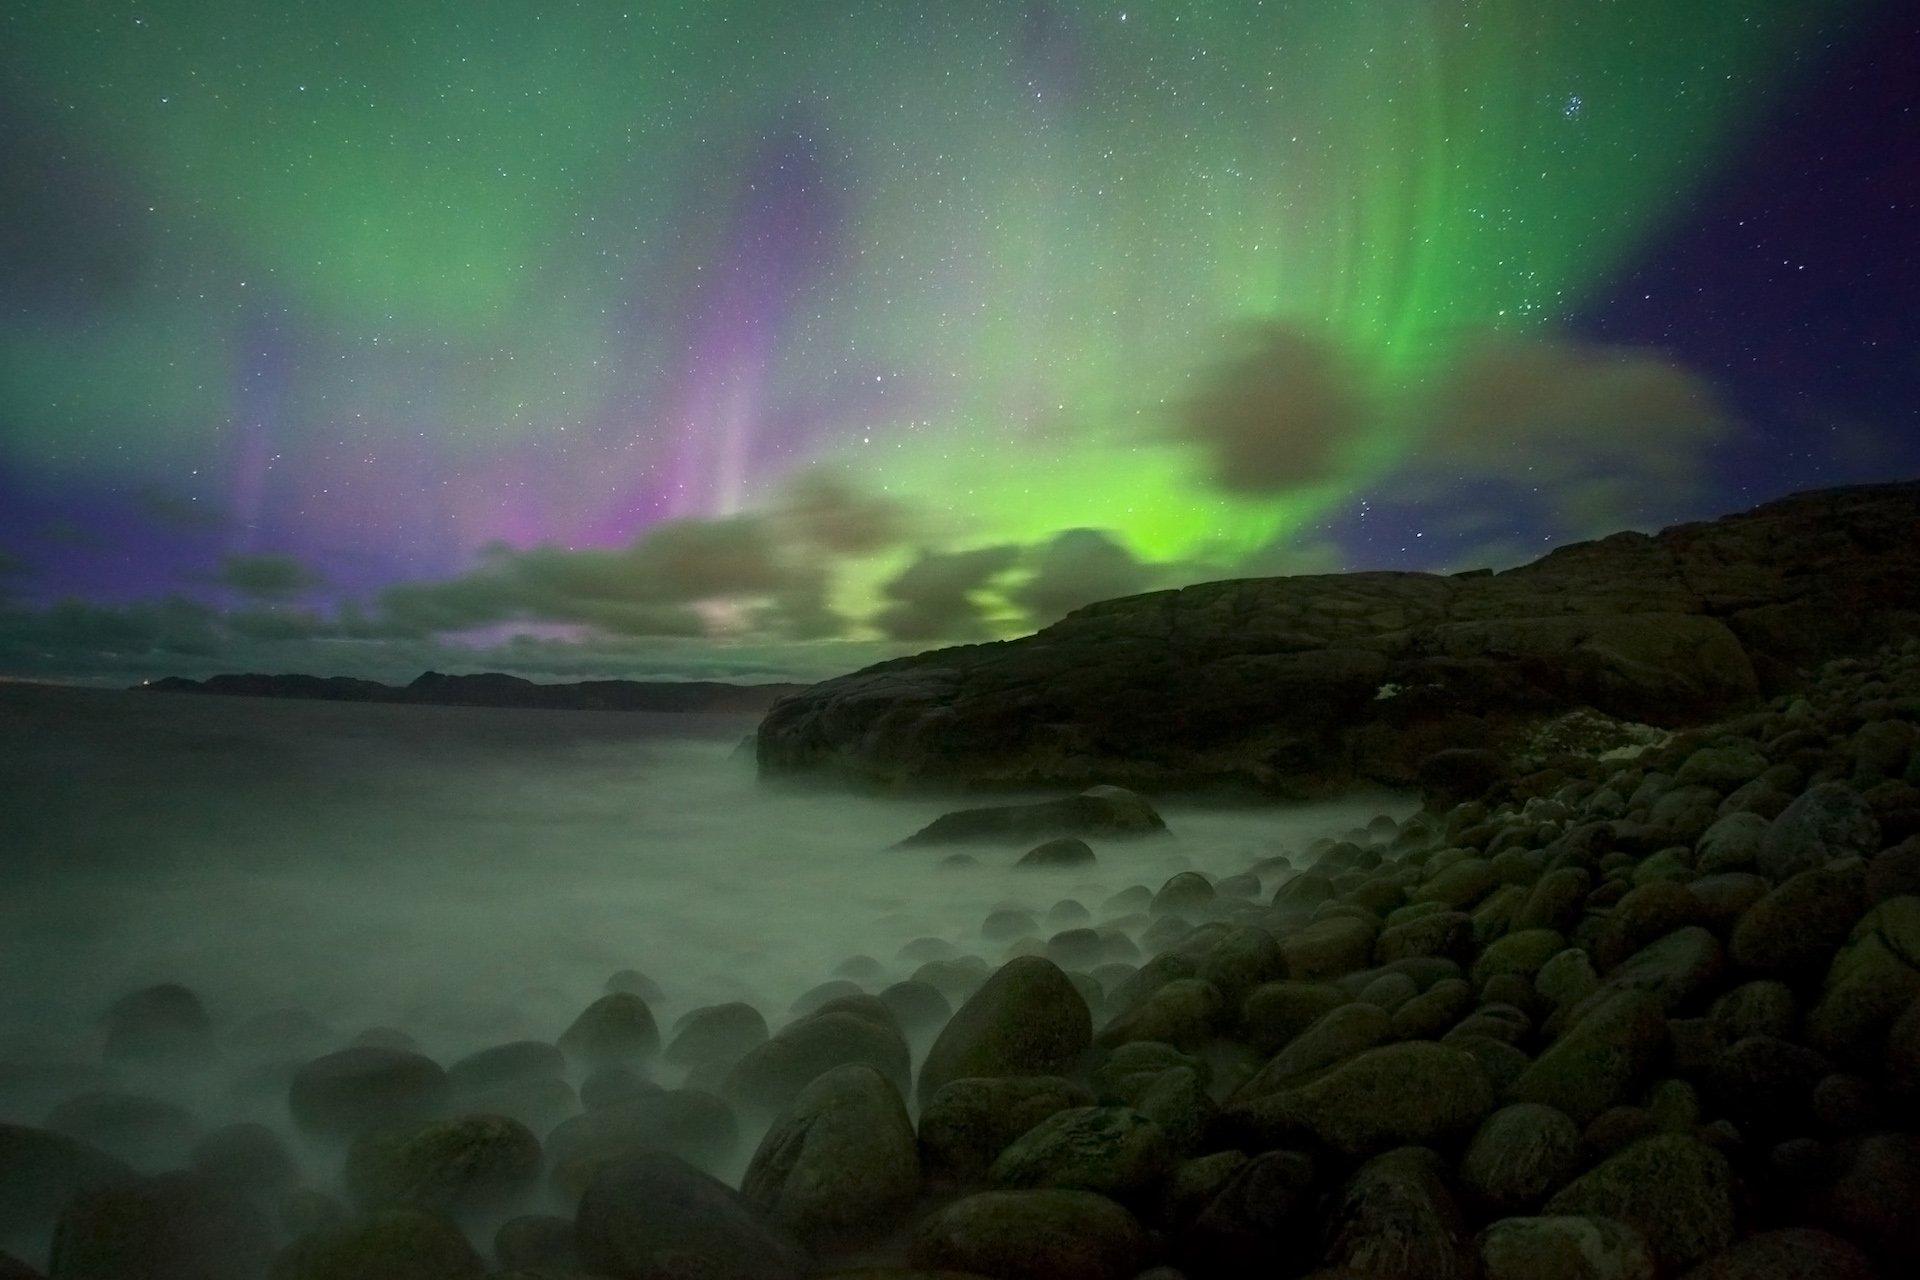 полярное сияние, ночь, Териберка, Баренцево море, пляж, валуны, Никифоров Егор